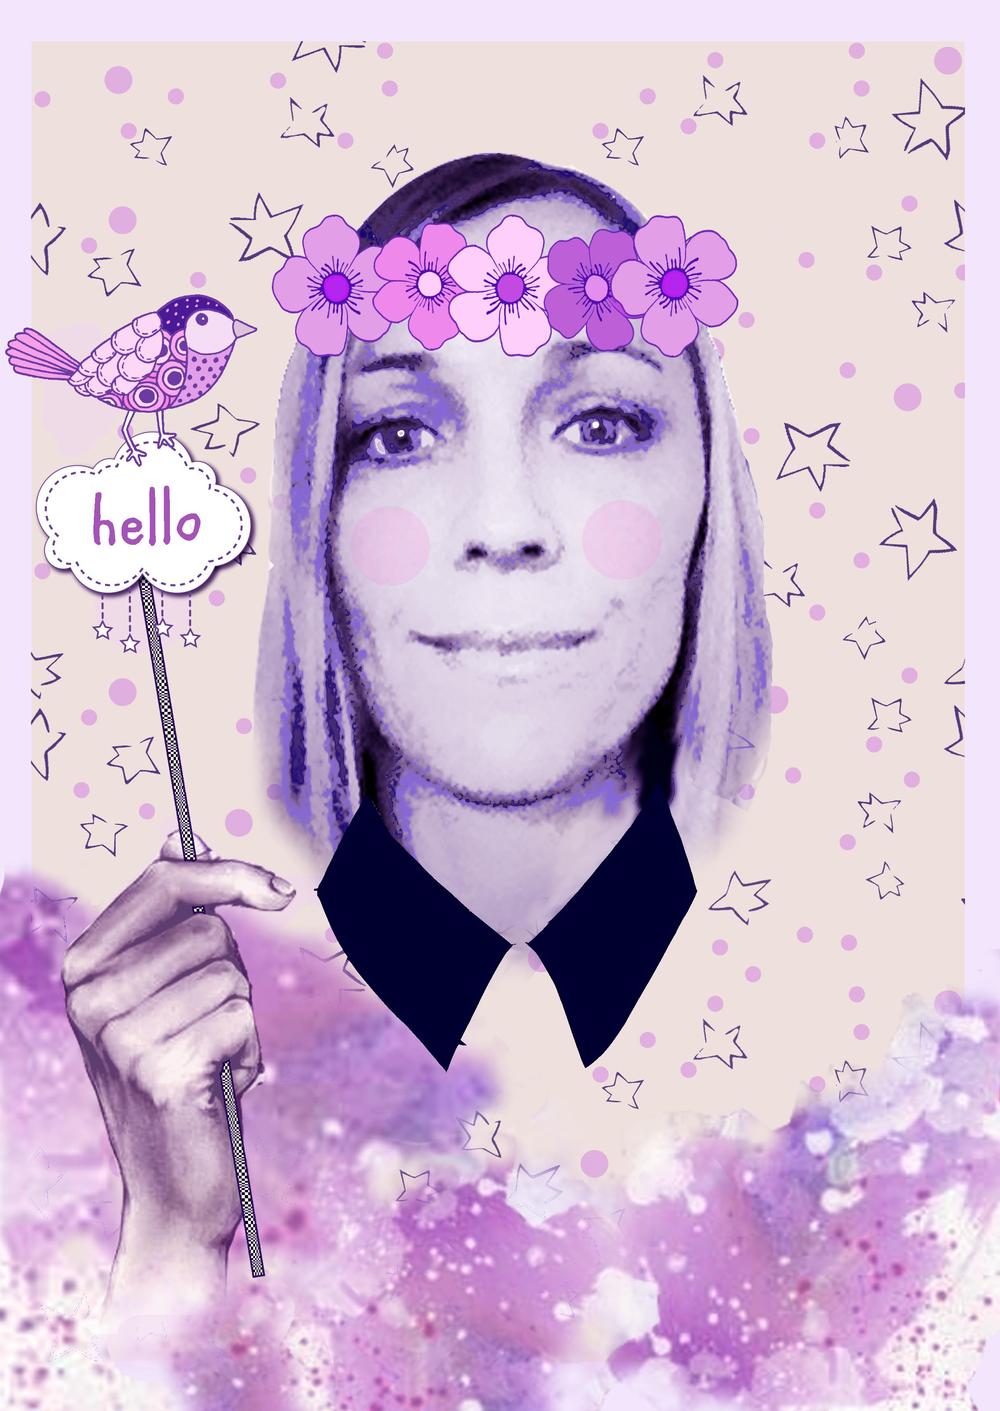 lilypeach_hello